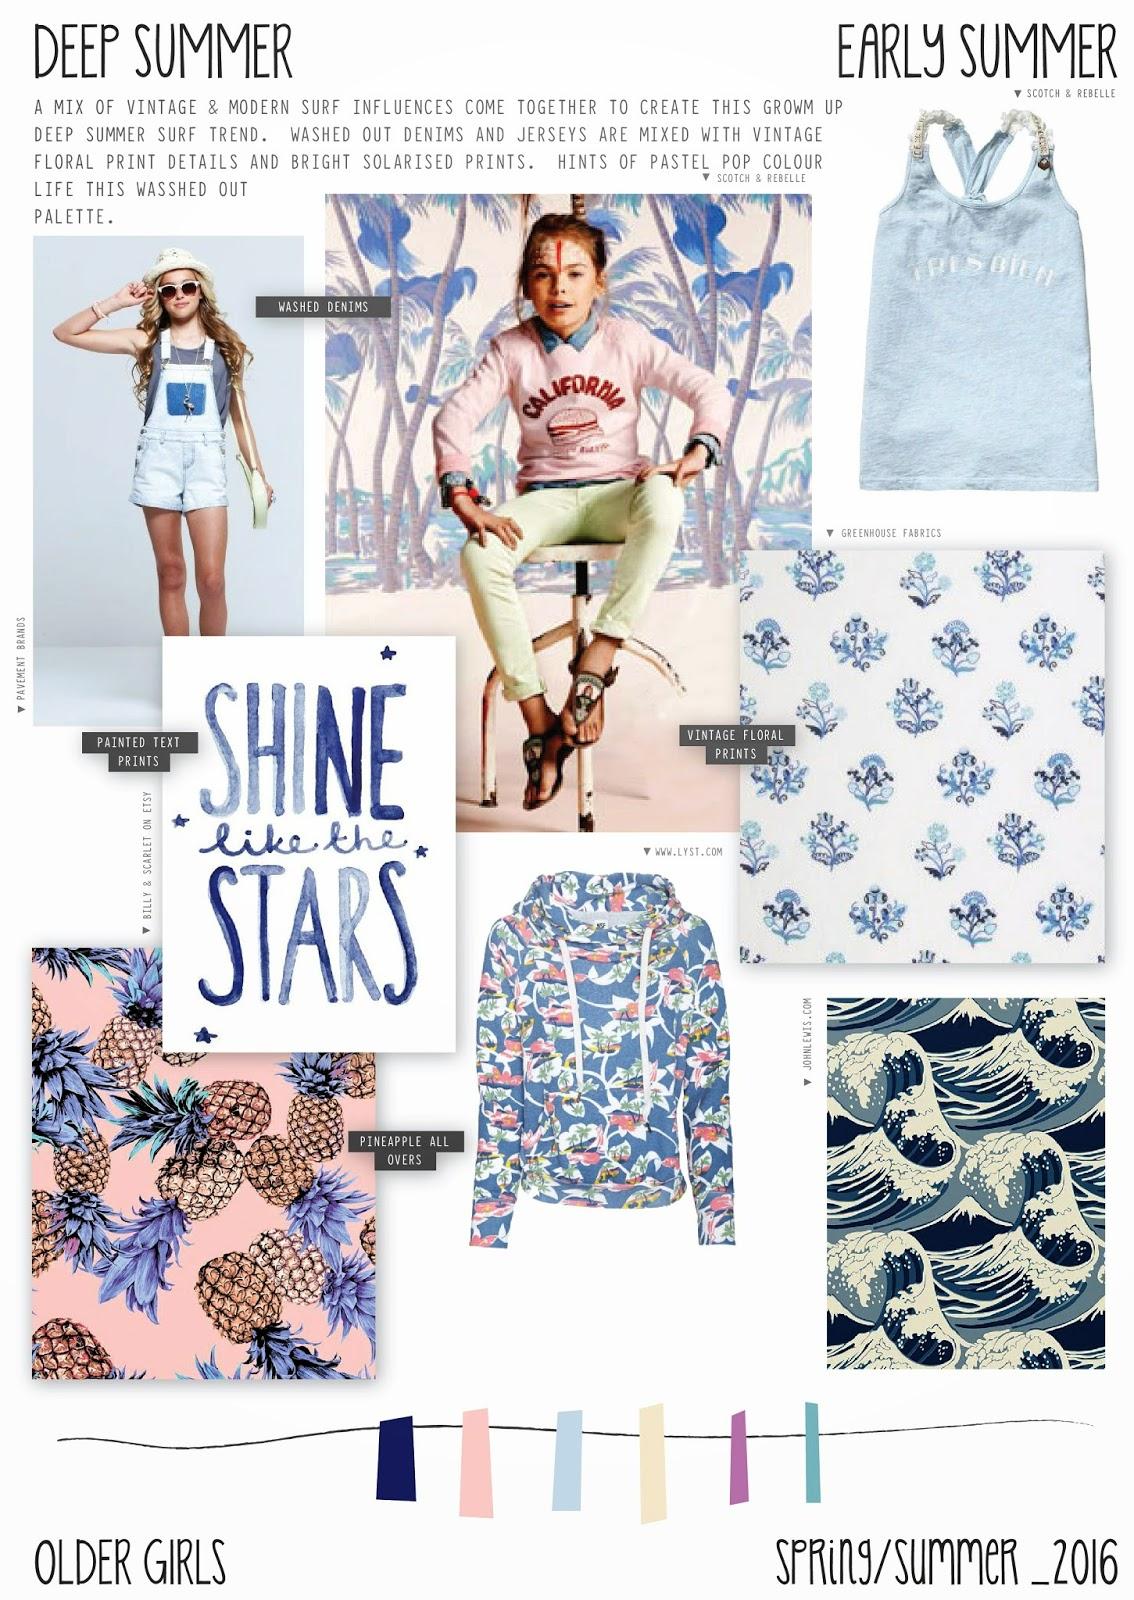 emily kiddy spring summer 2016 older girls fashion deep summer surf trend. Black Bedroom Furniture Sets. Home Design Ideas